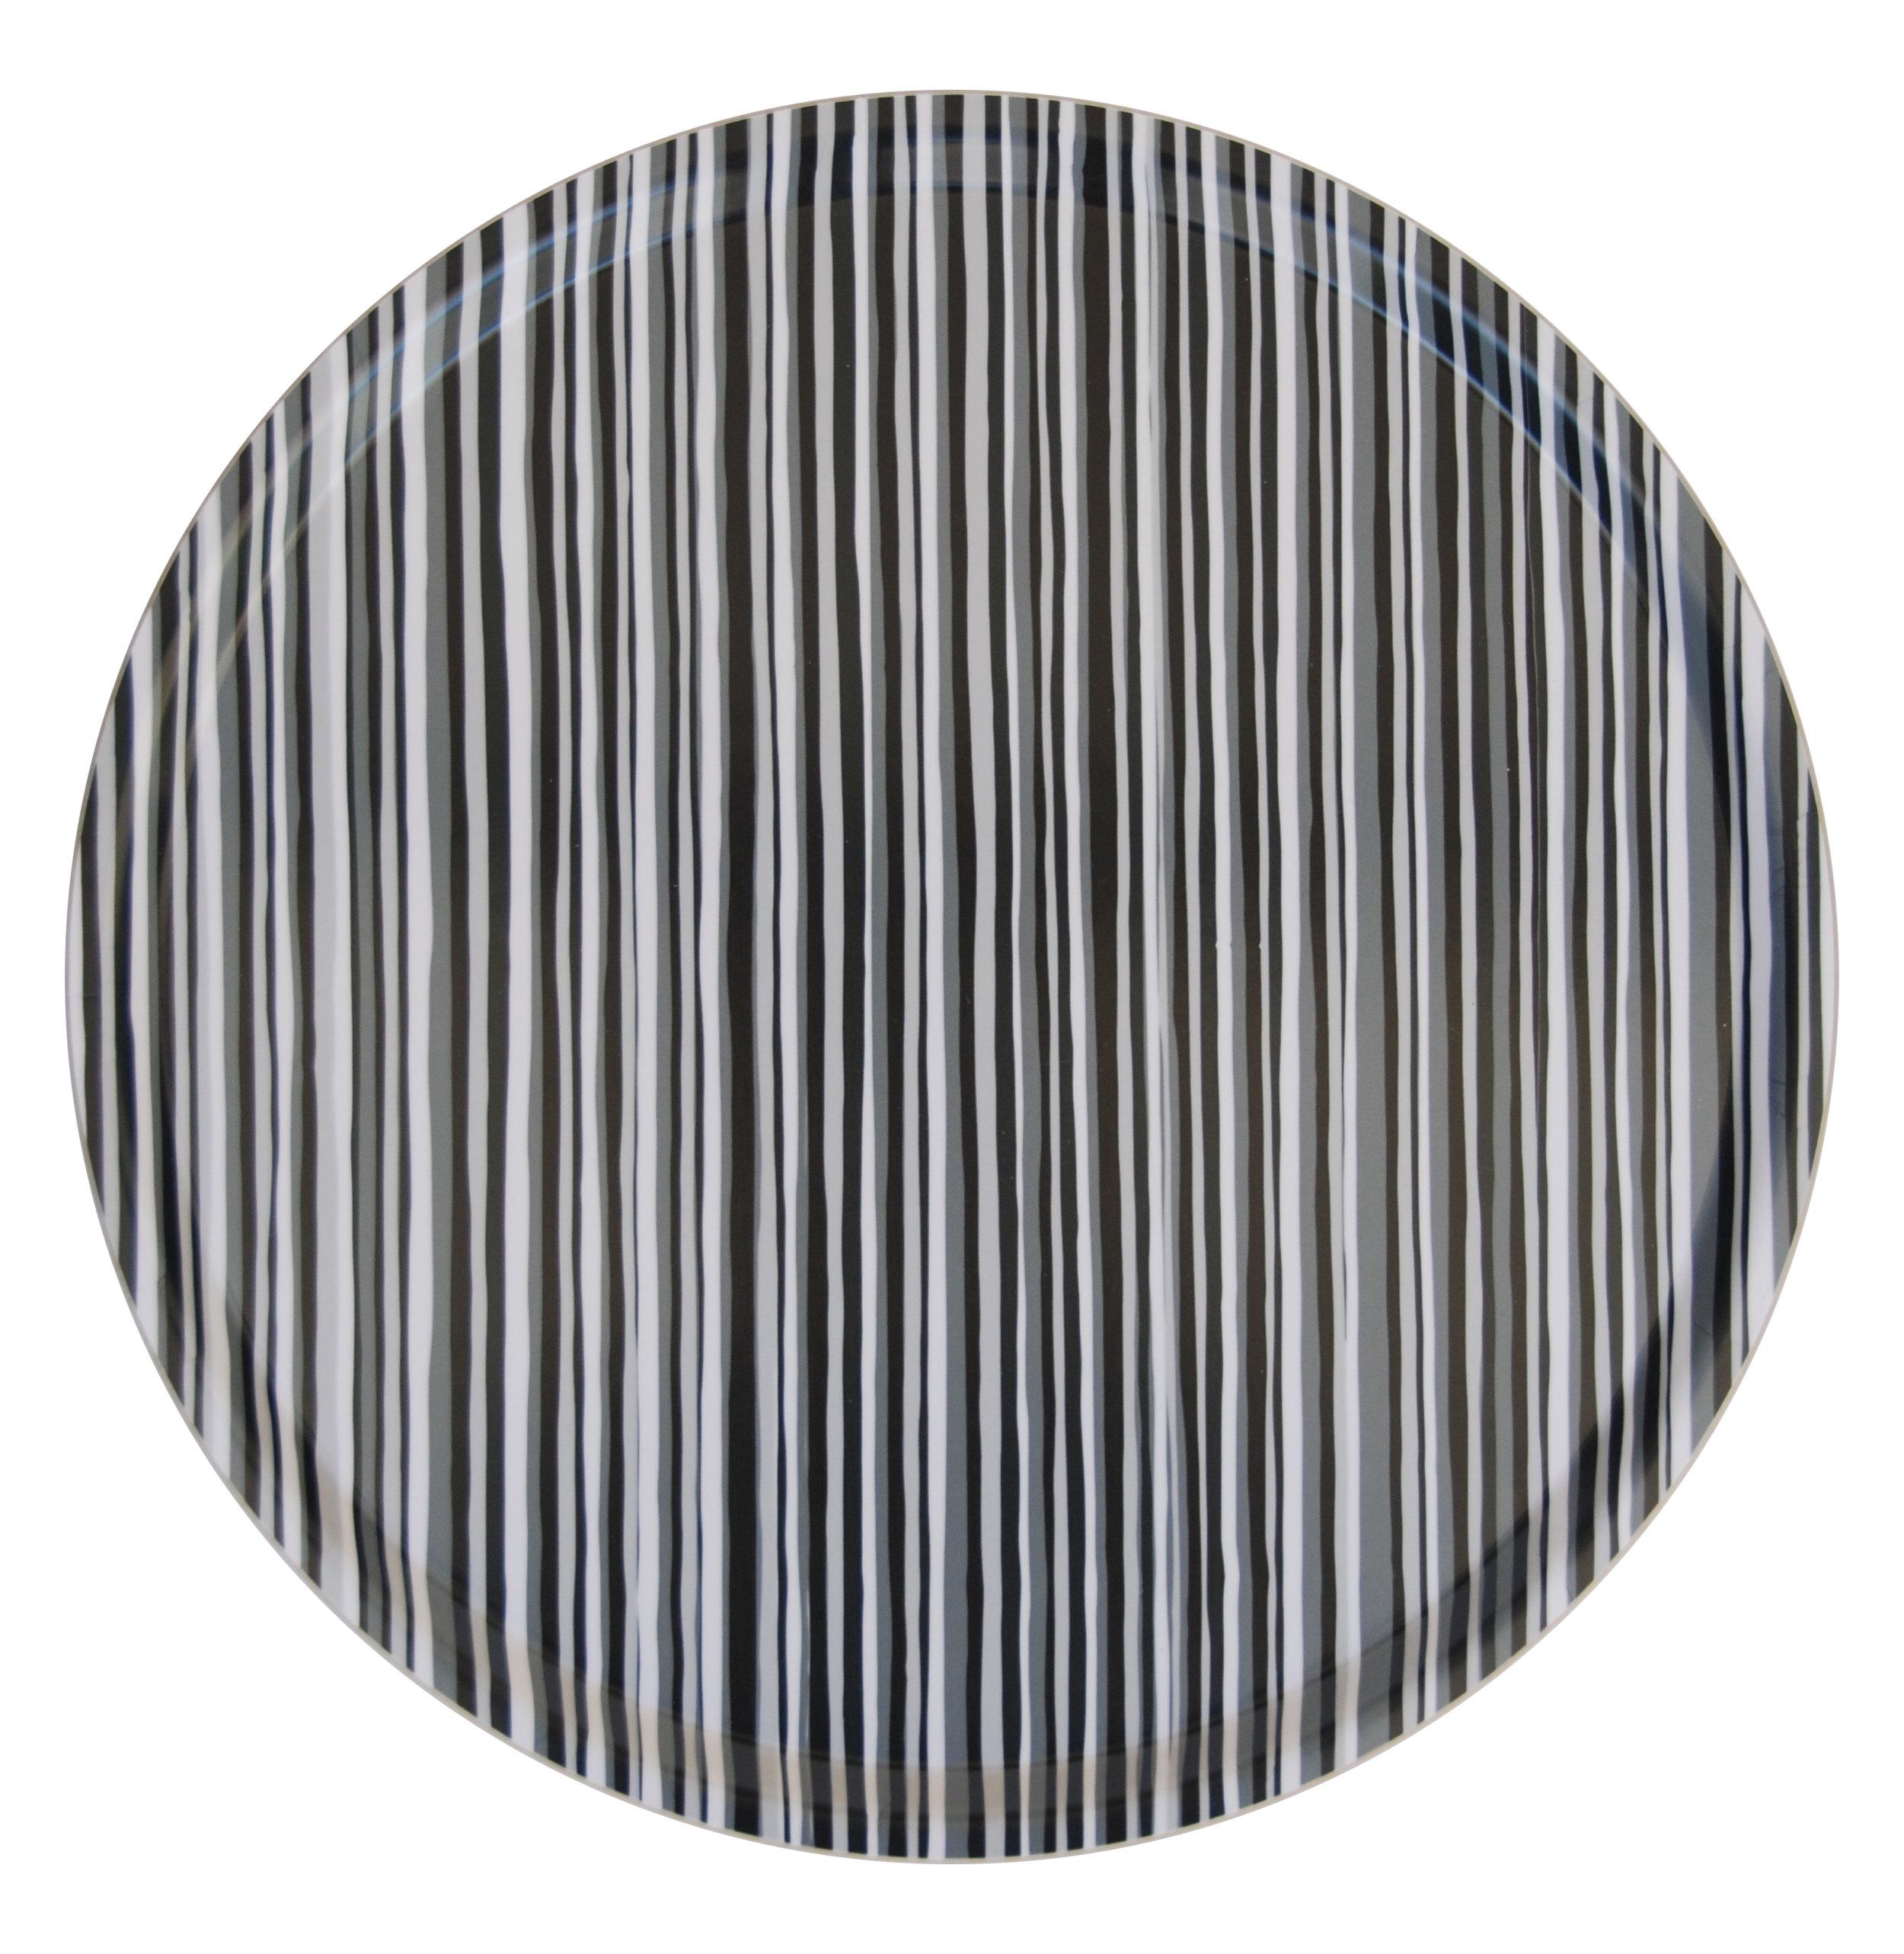 tray-lines-blk.jpg